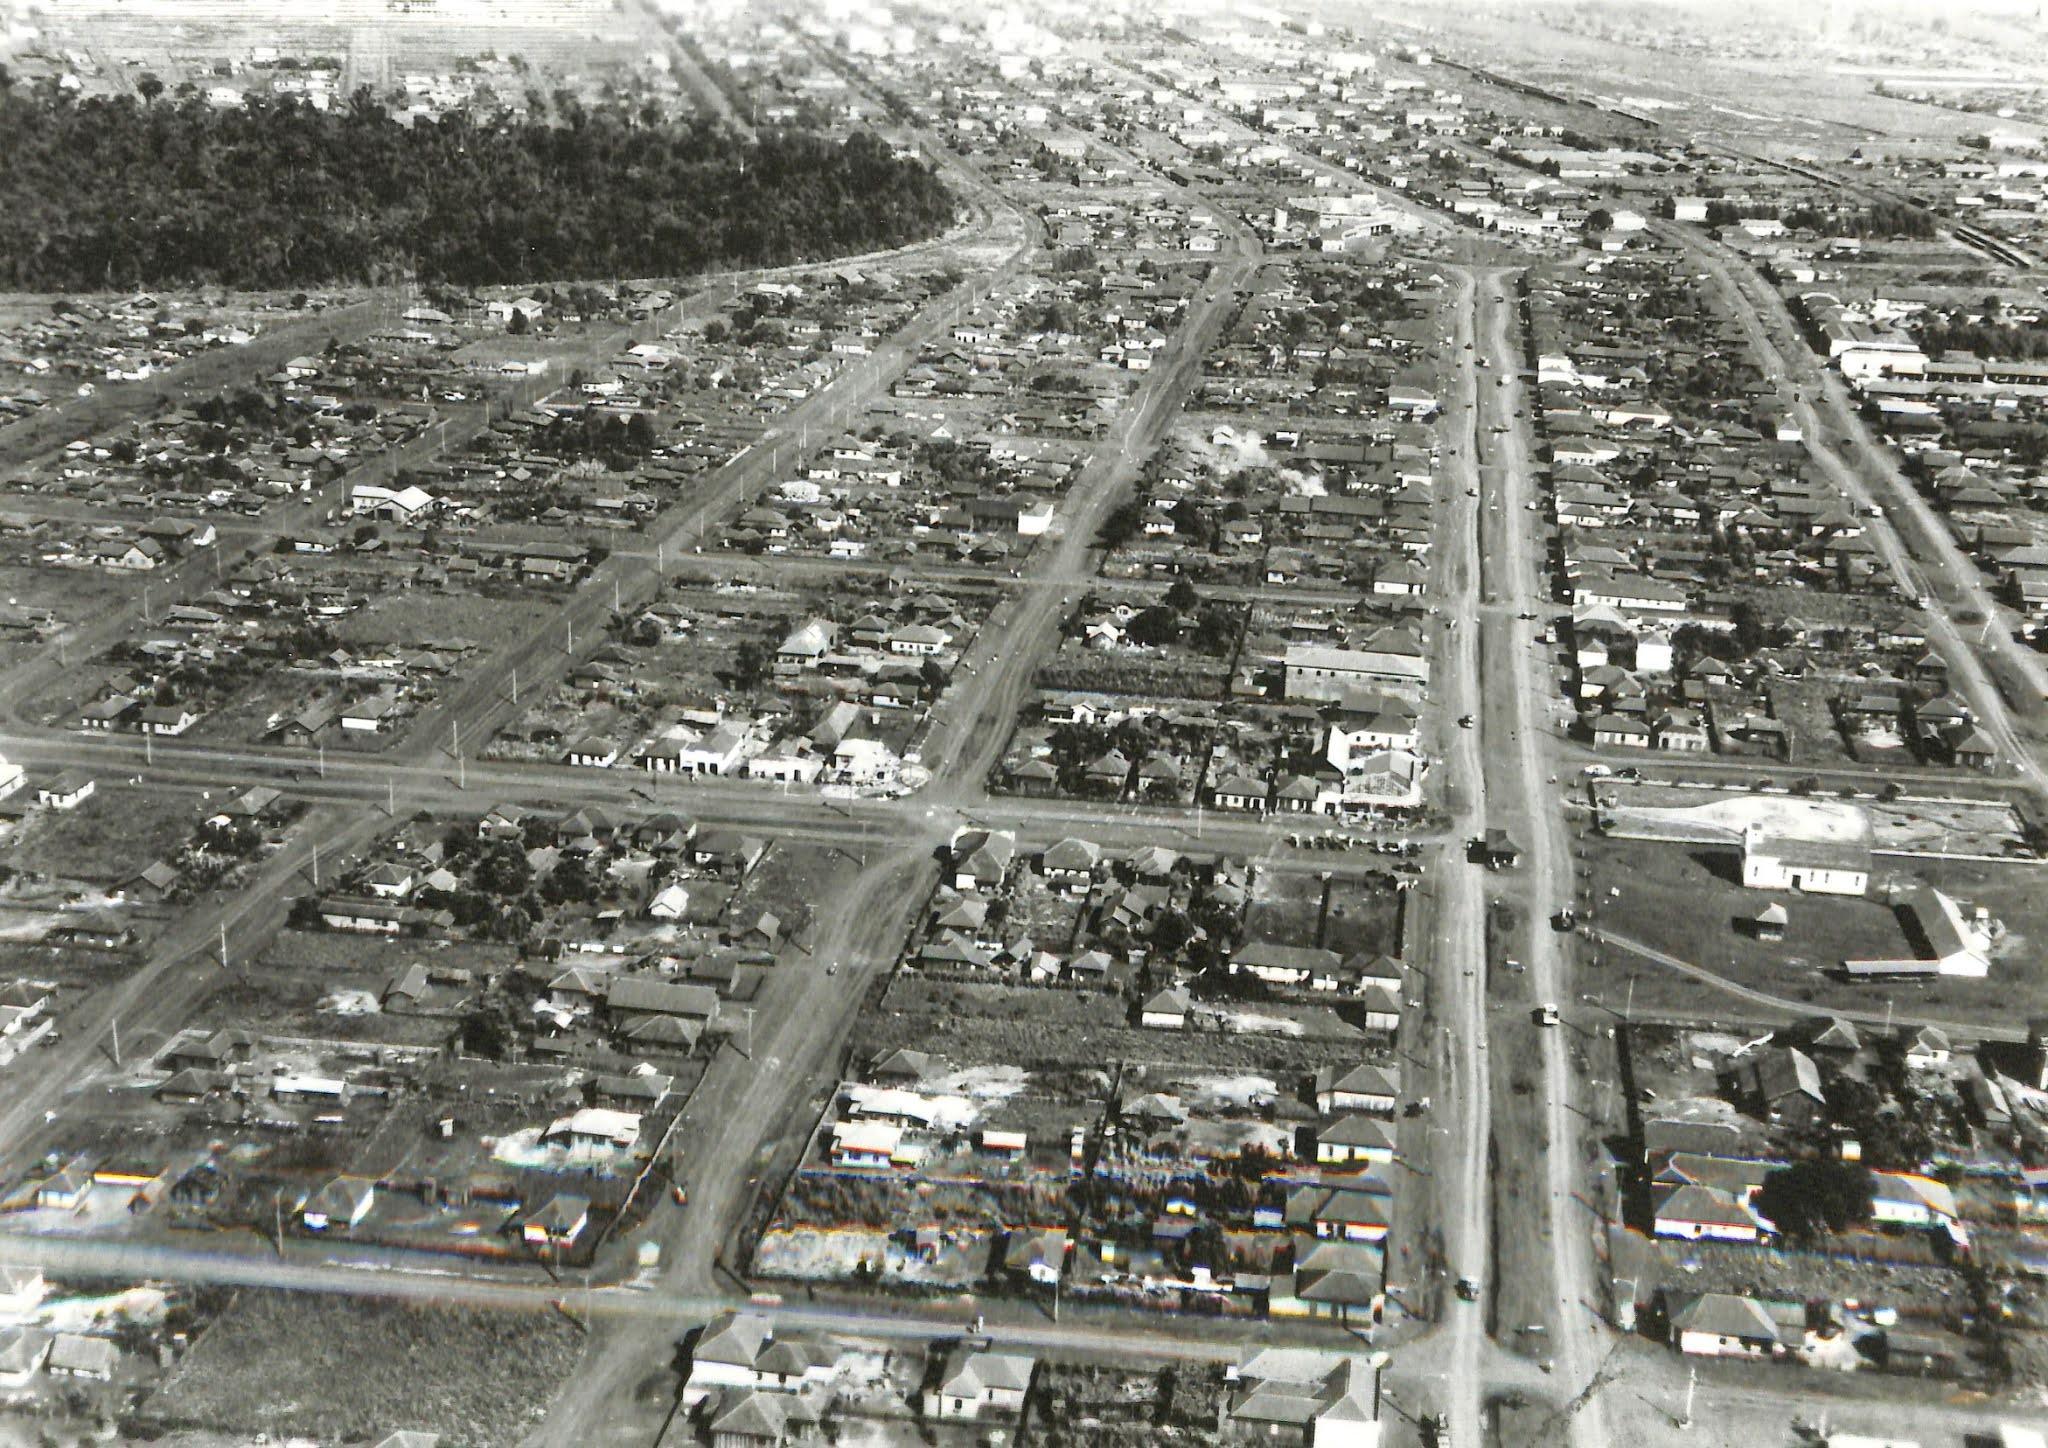 Vista aérea da Vila Operária - 1960